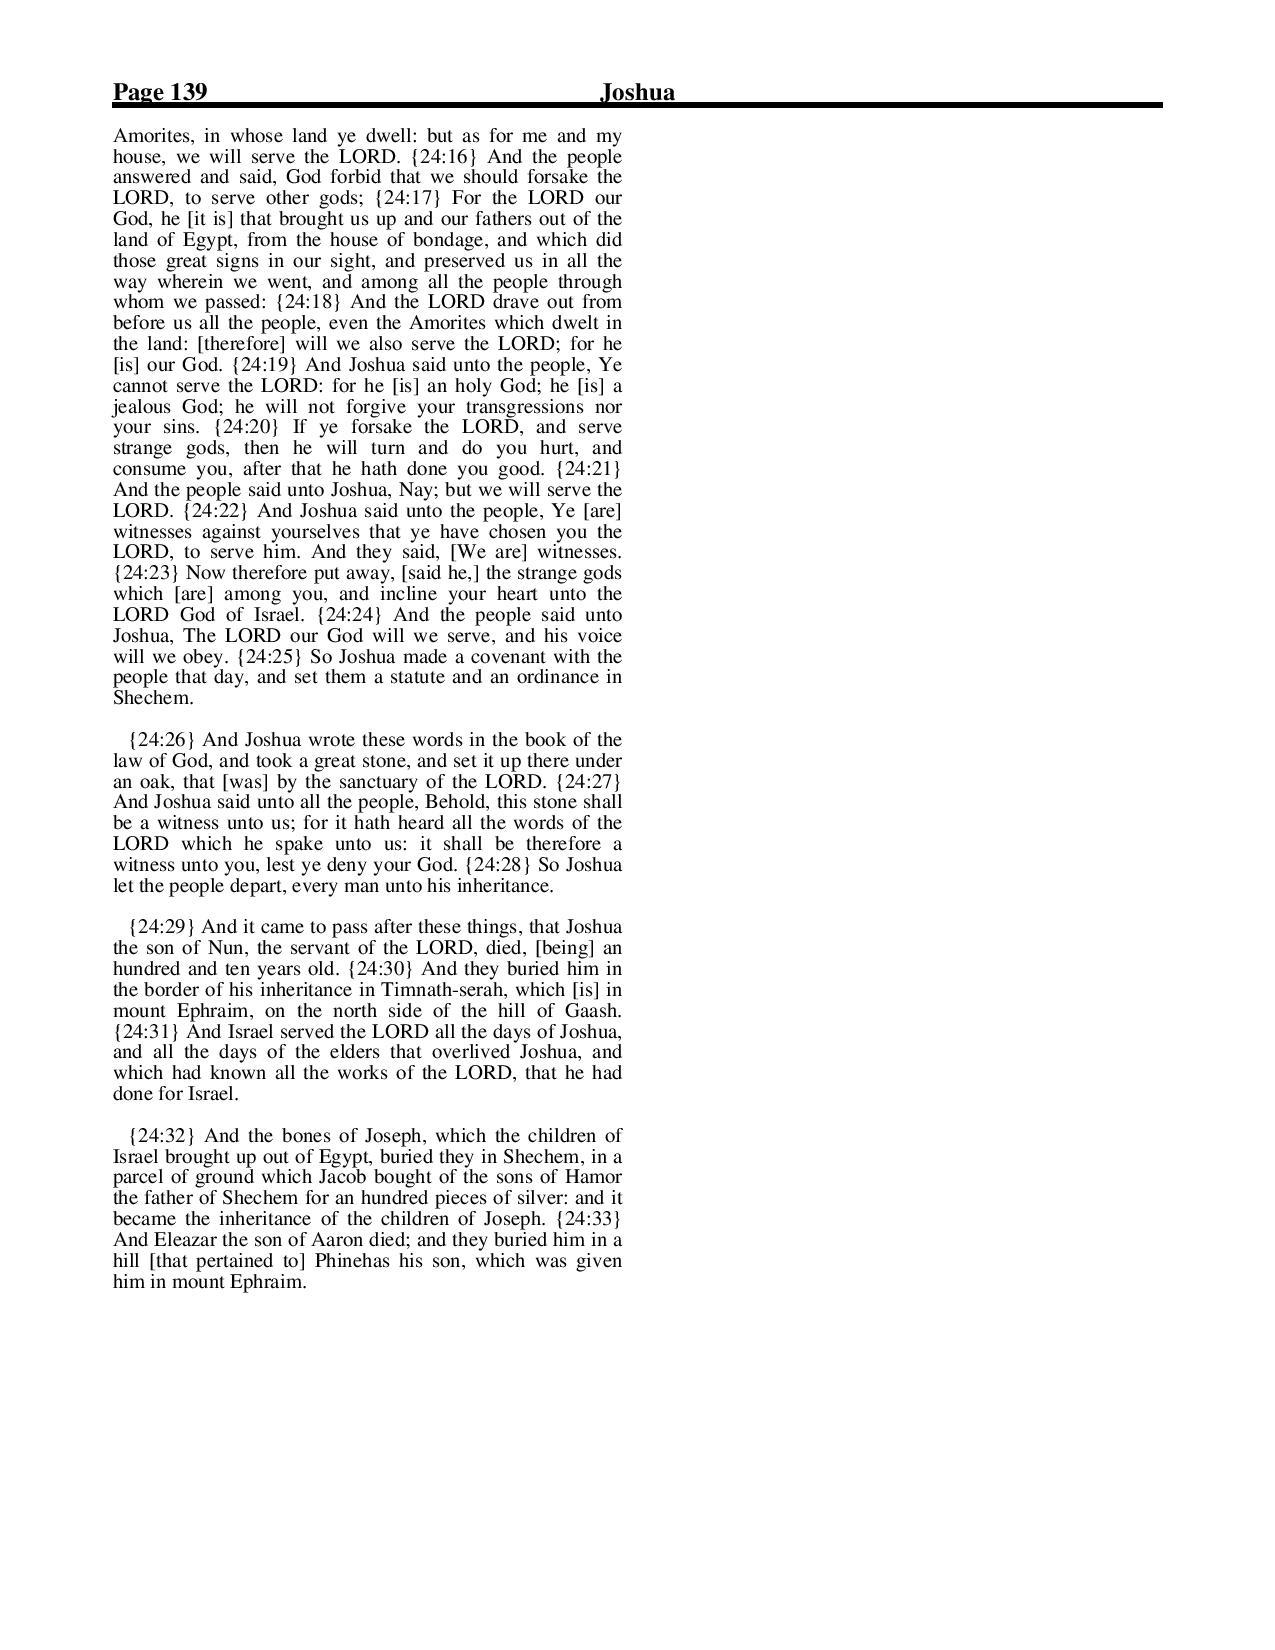 King-James-Bible-KJV-Bible-PDF-page-160